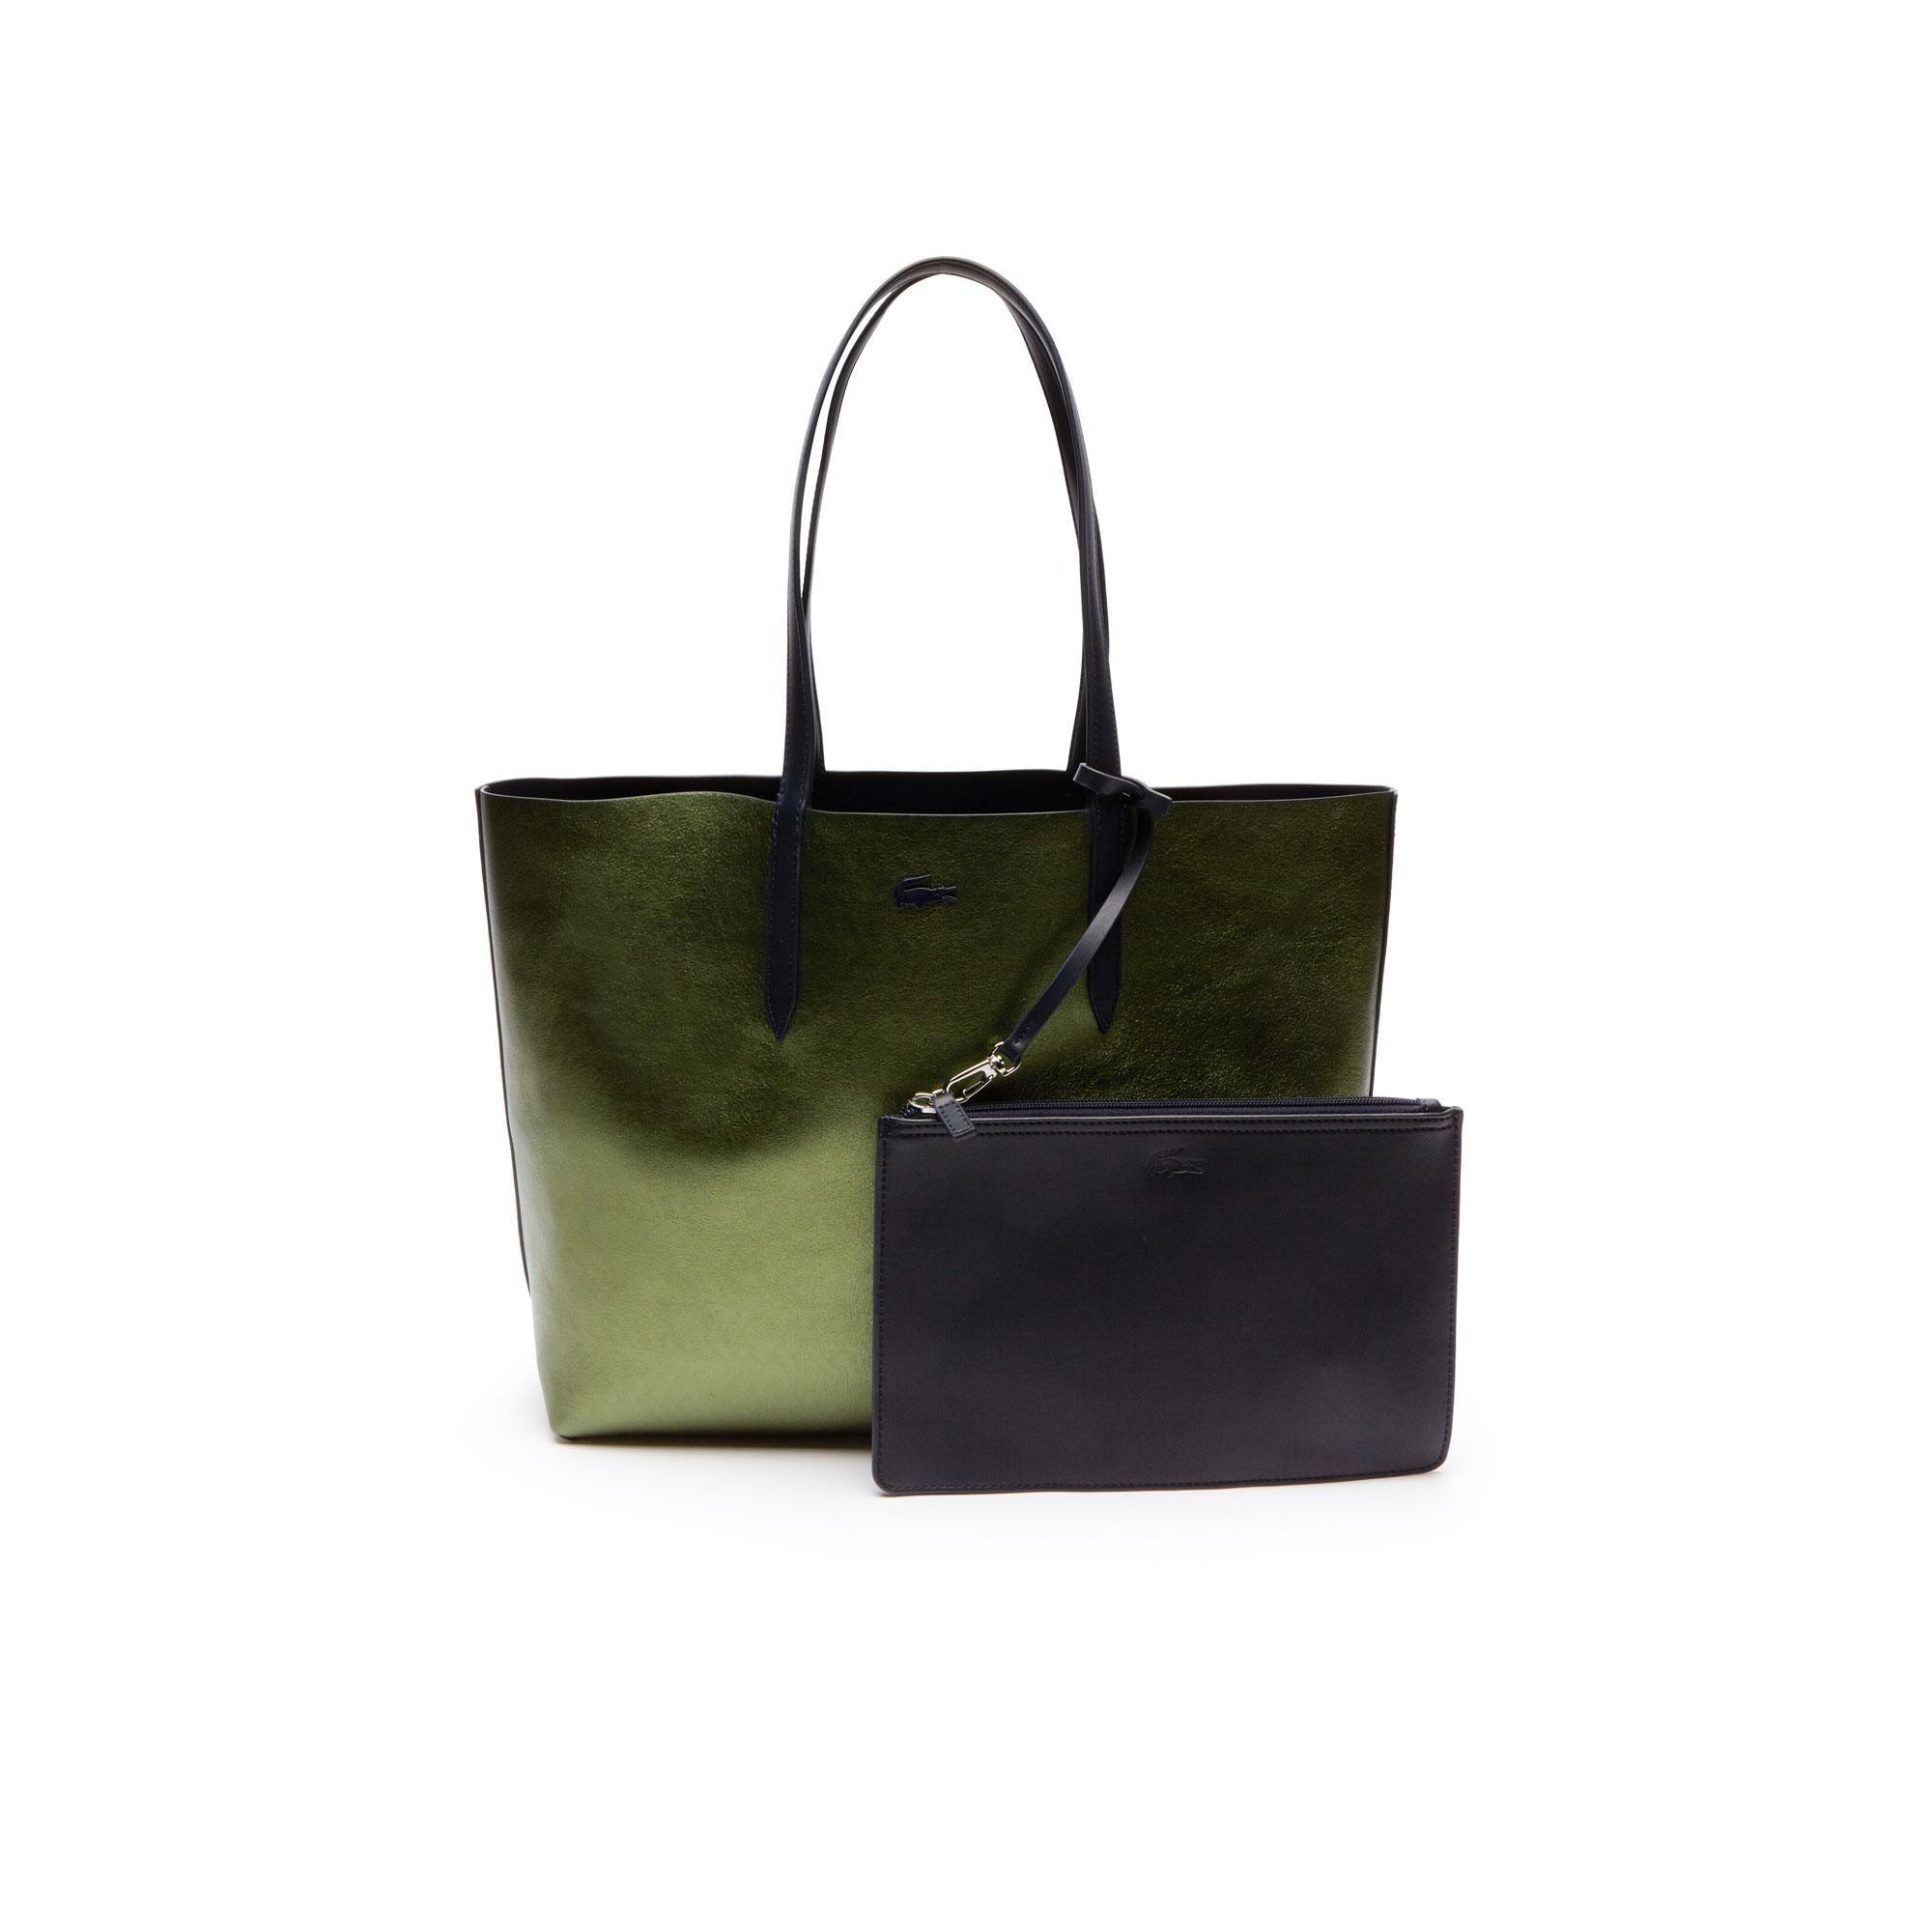 Lacoste Kadın Parlak Yeşil - Mat Siyah Çift Taraflı Çanta